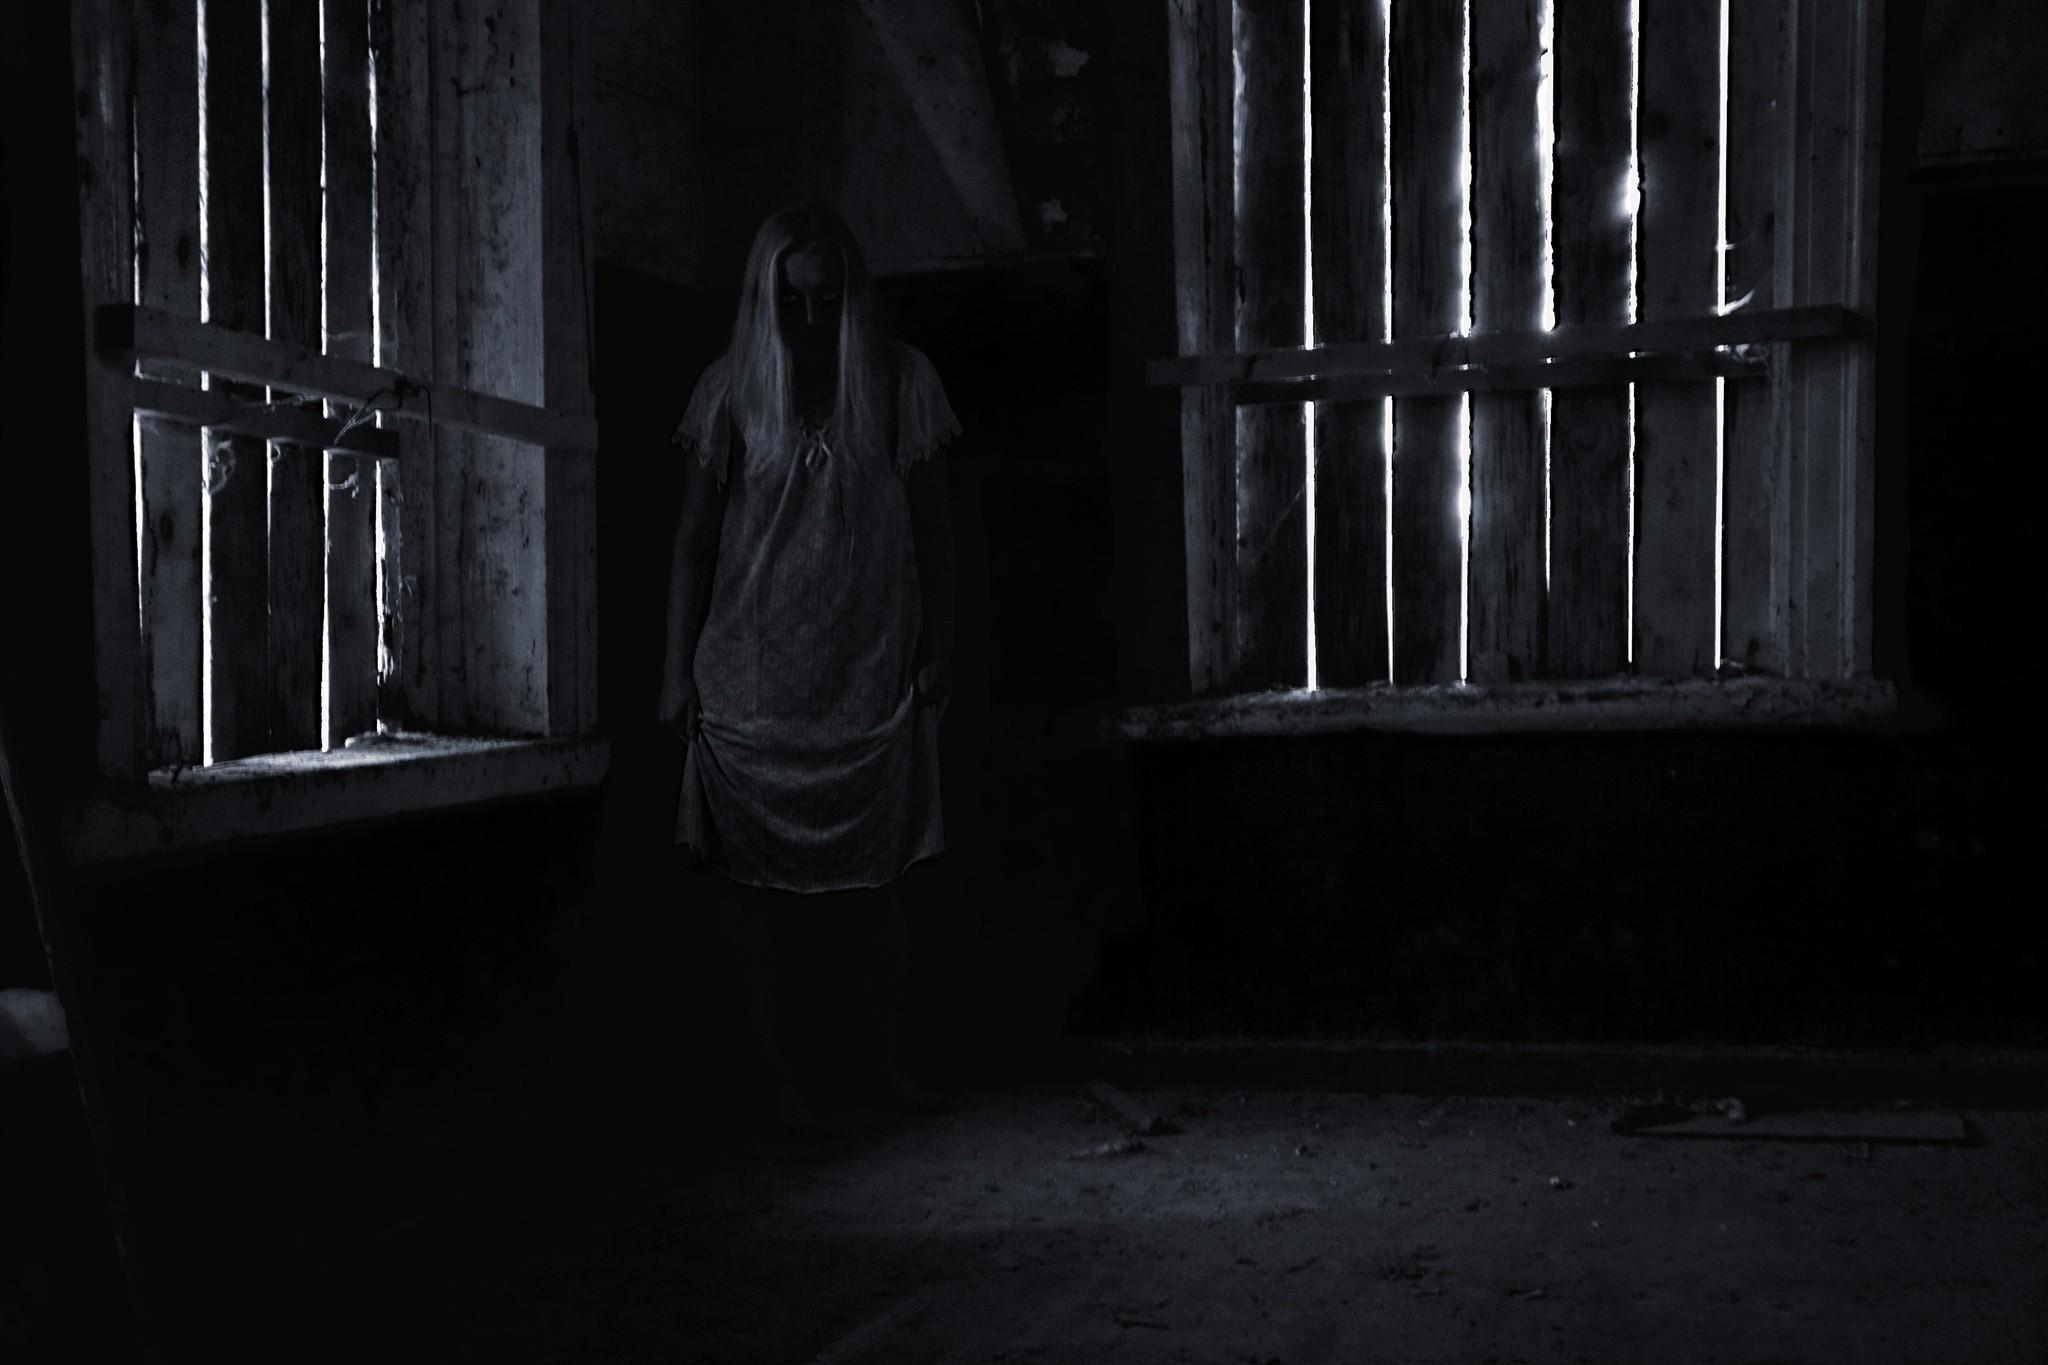 живем картинки призраков в окне дальнейшем ключ превосходству